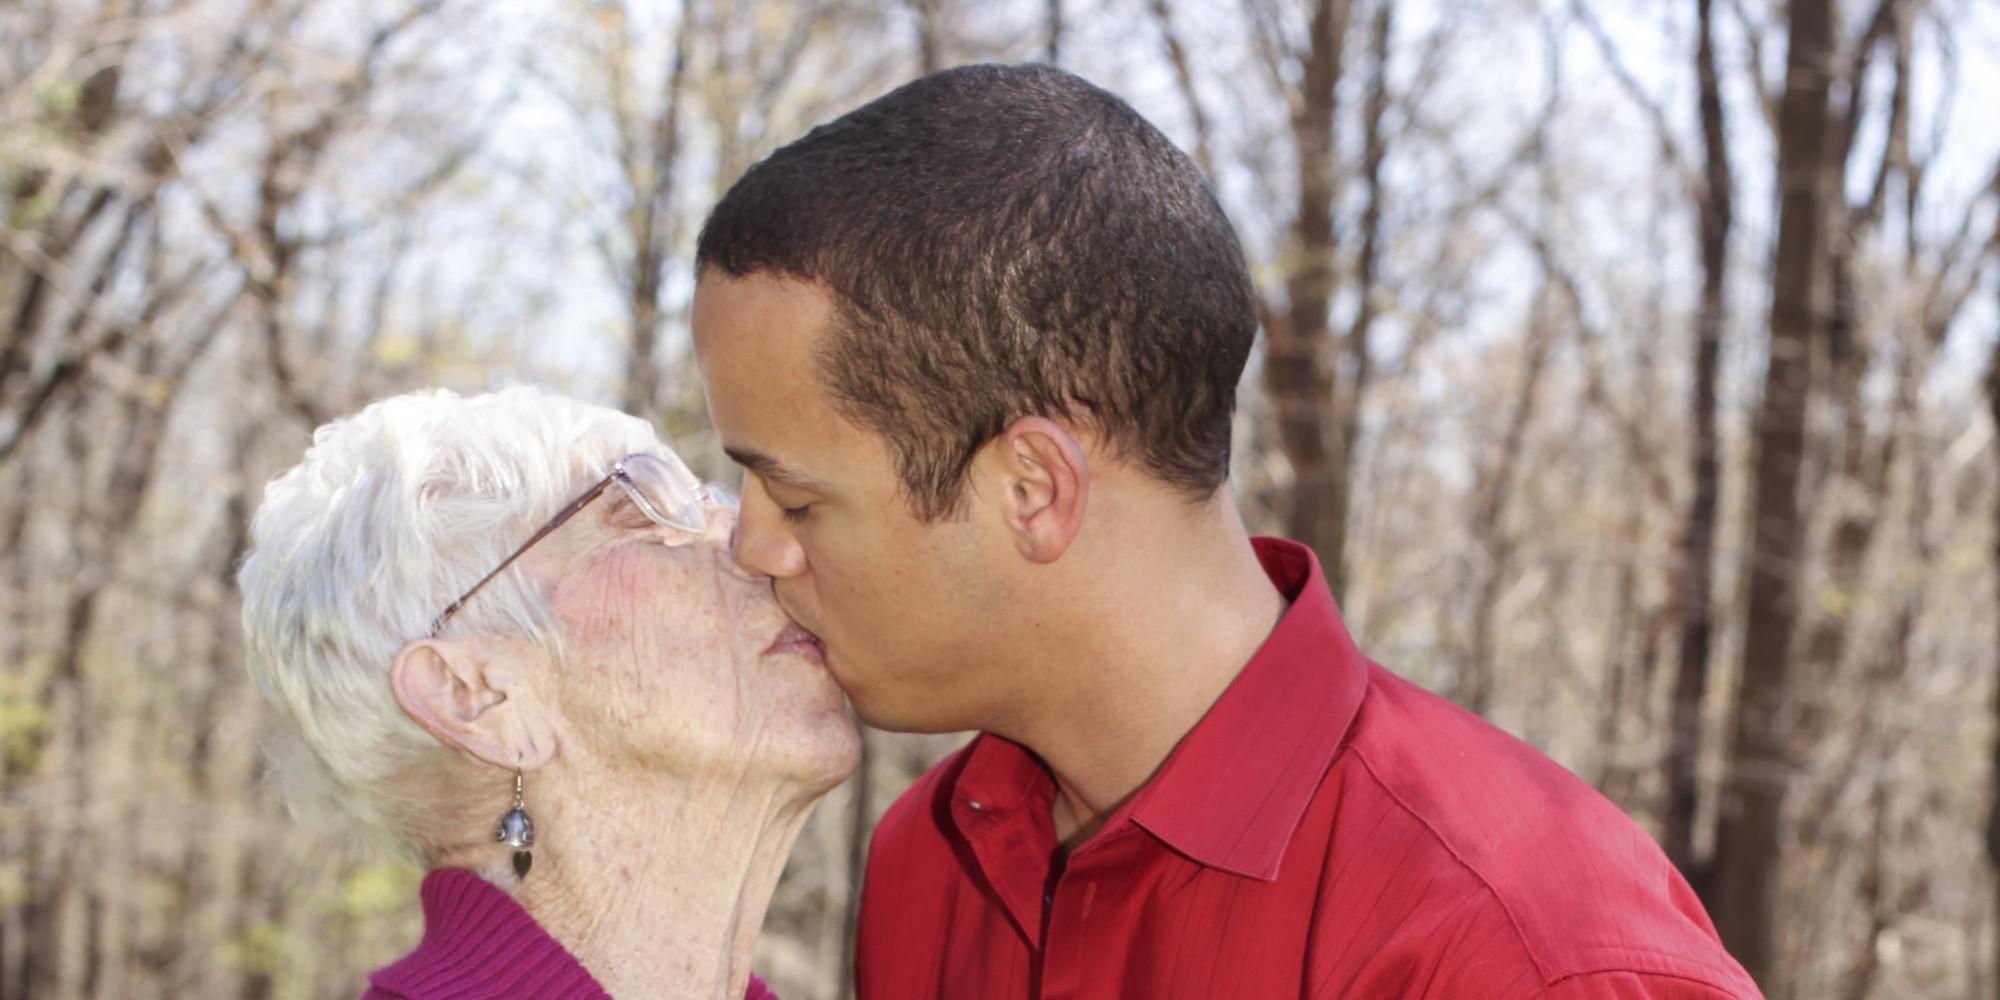 kyle marjorie couple vieux jeune